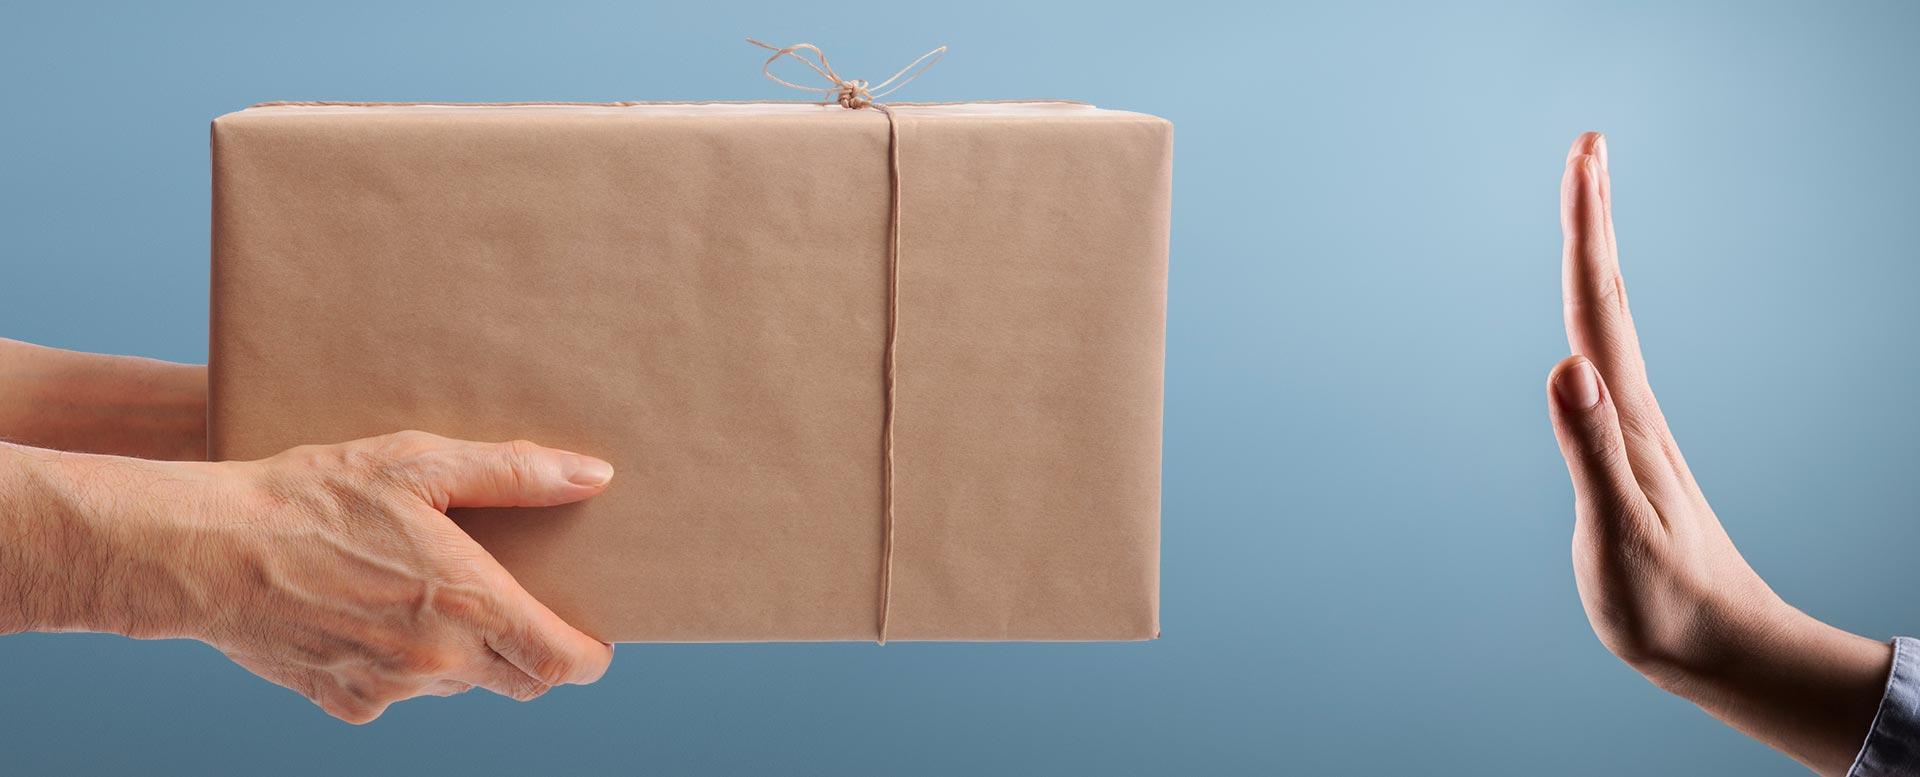 Paketannahme Verweigern Wichtige Hinweise Ergoimpulse